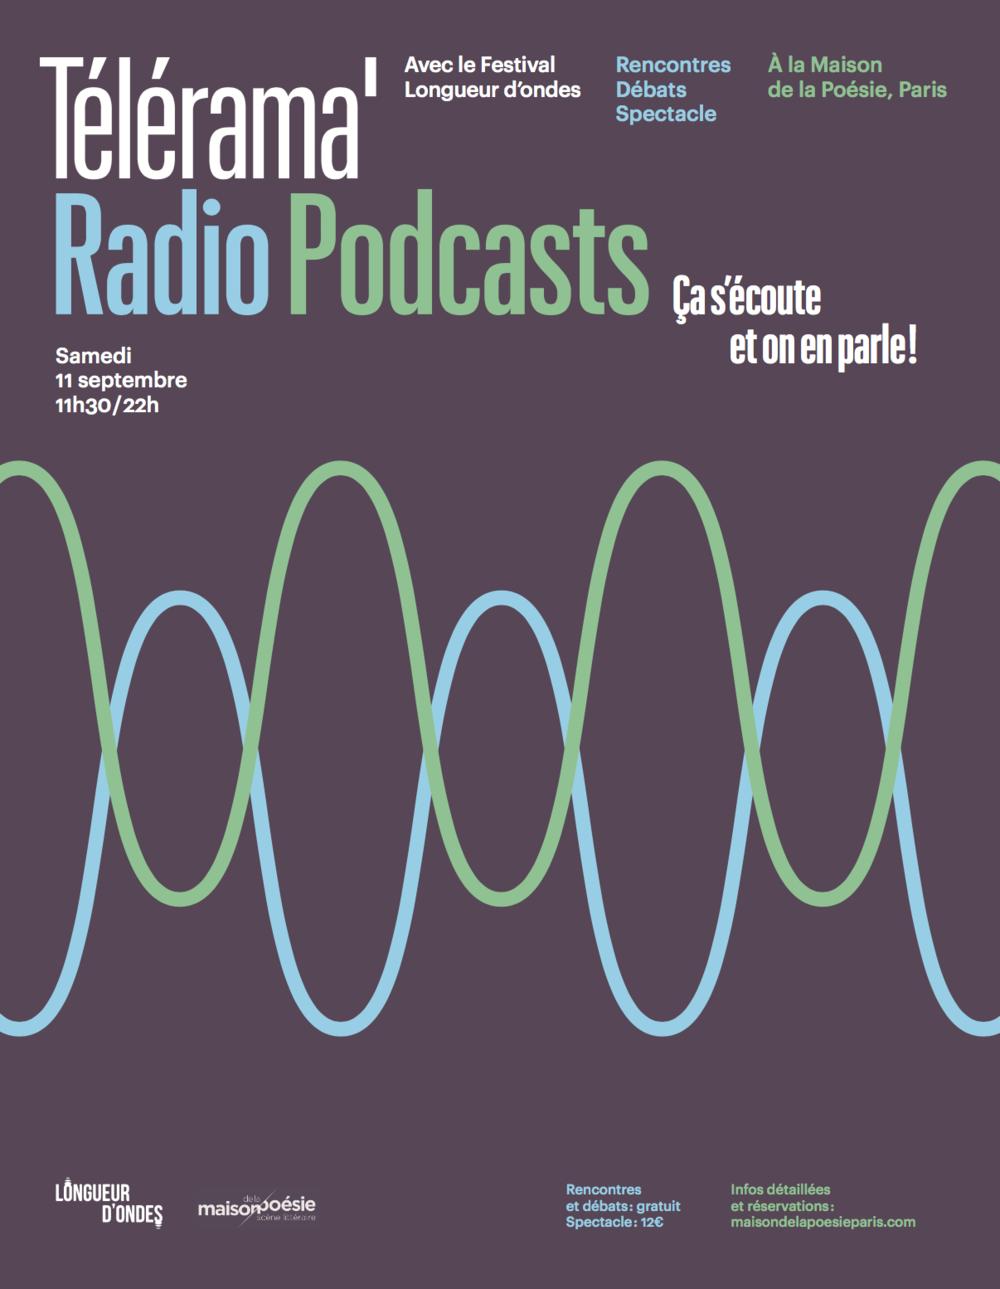 """Radio et podcasts : """"ça s'écoute et on en parle !"""""""